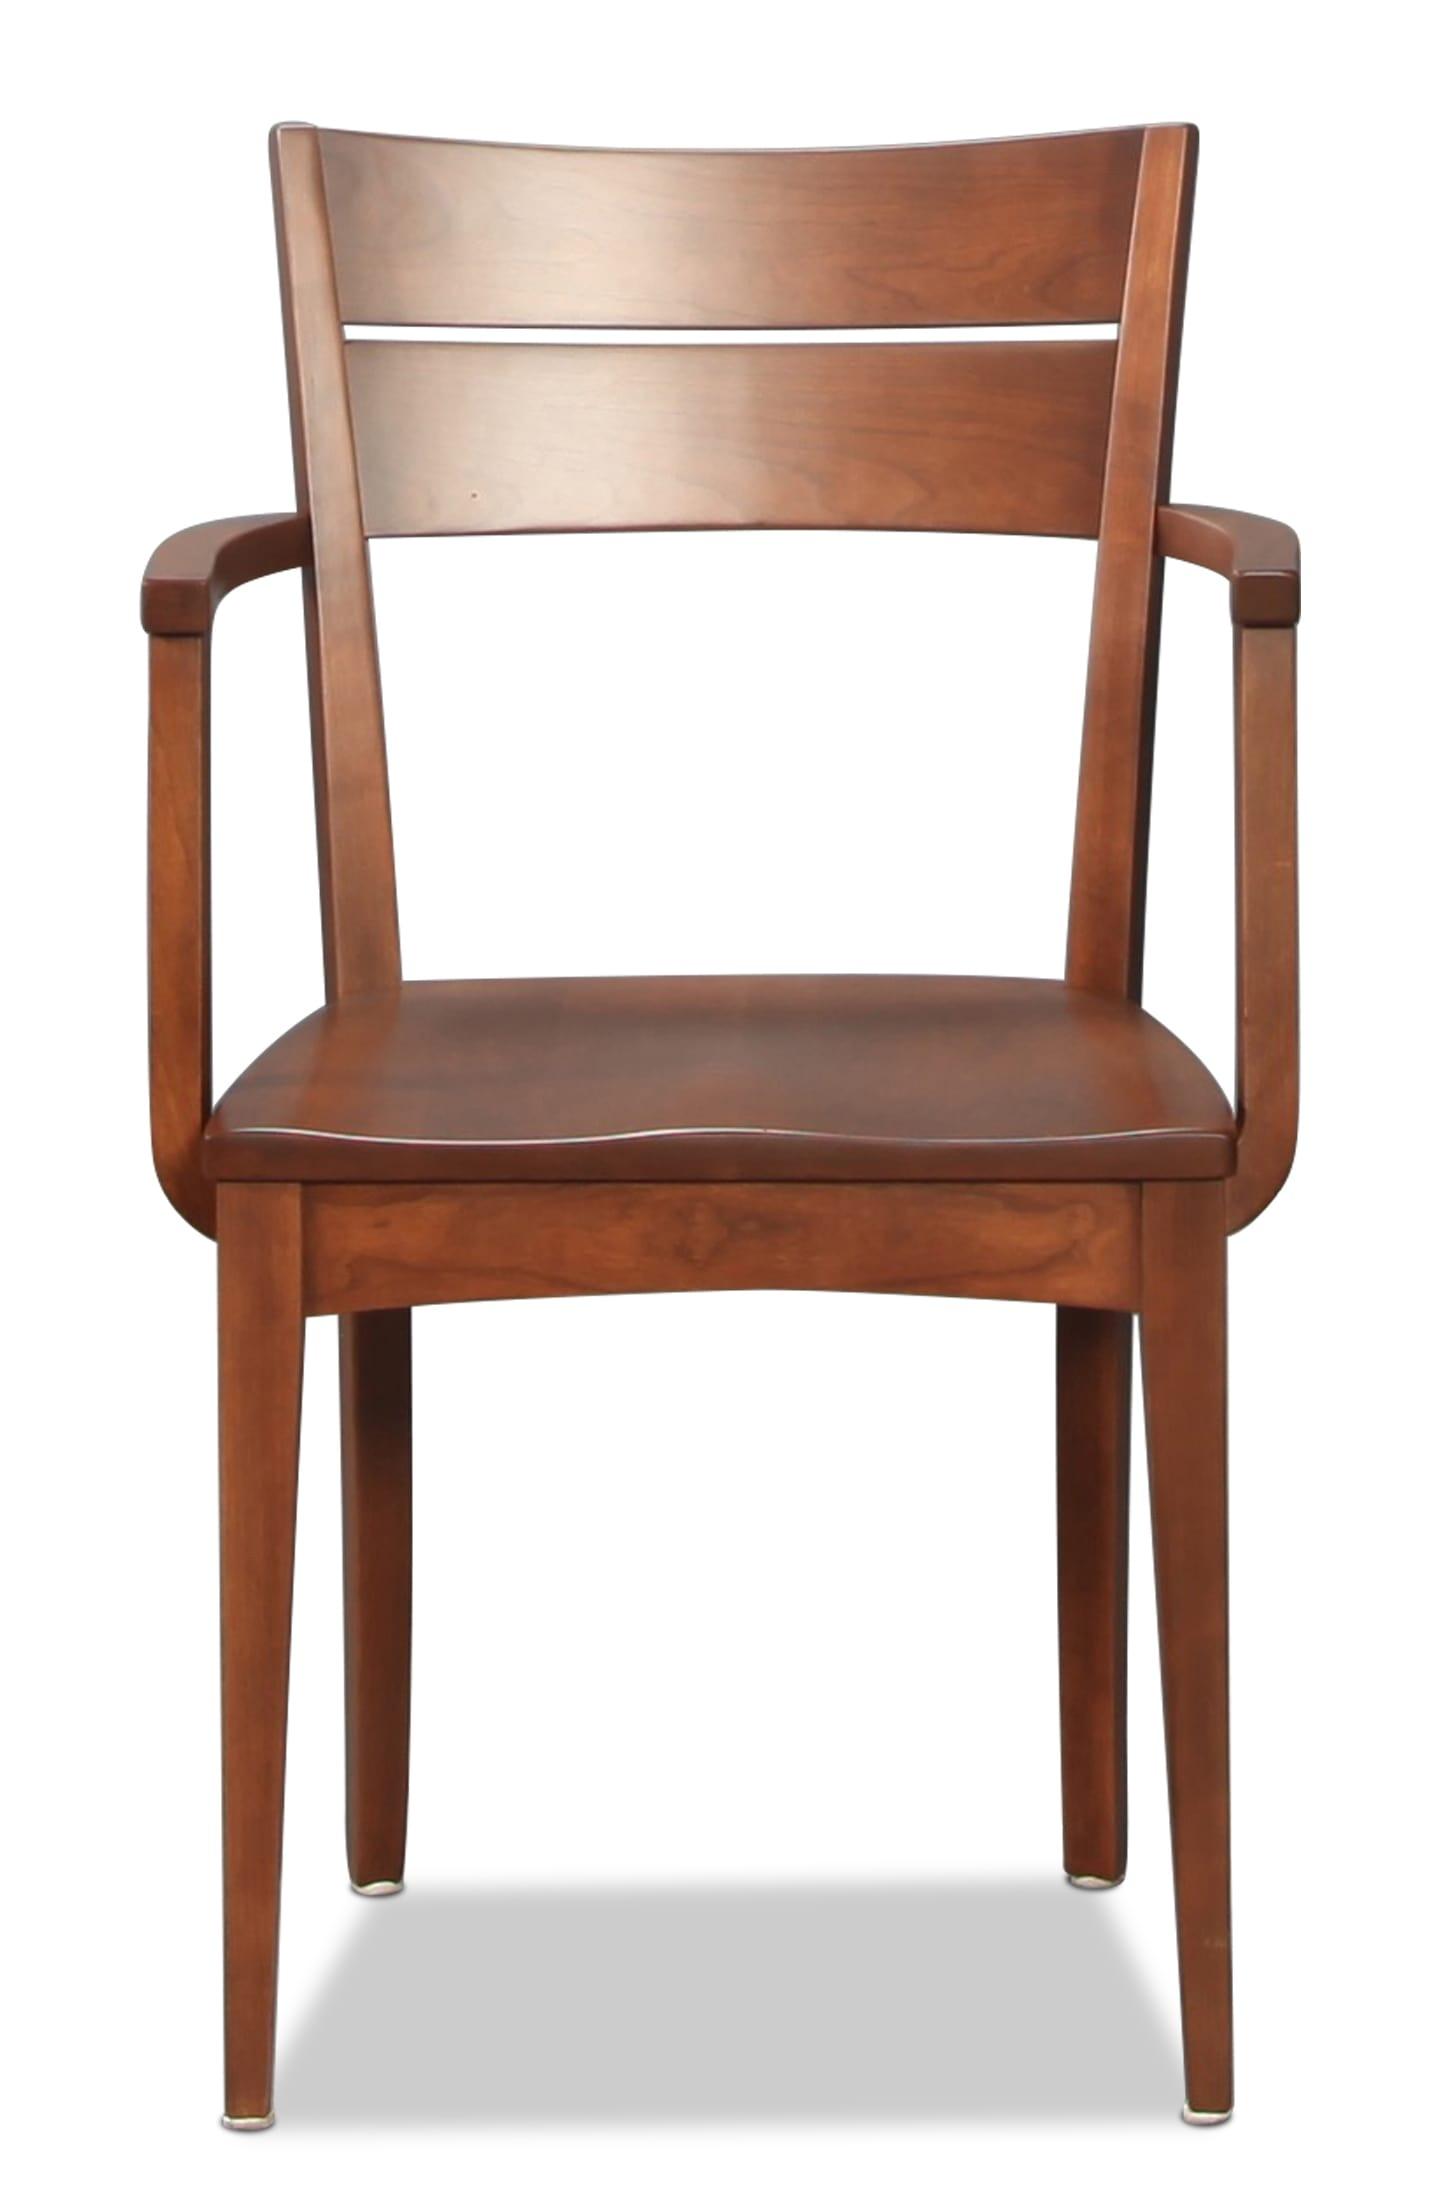 Cabot Arm Chair - Autumn